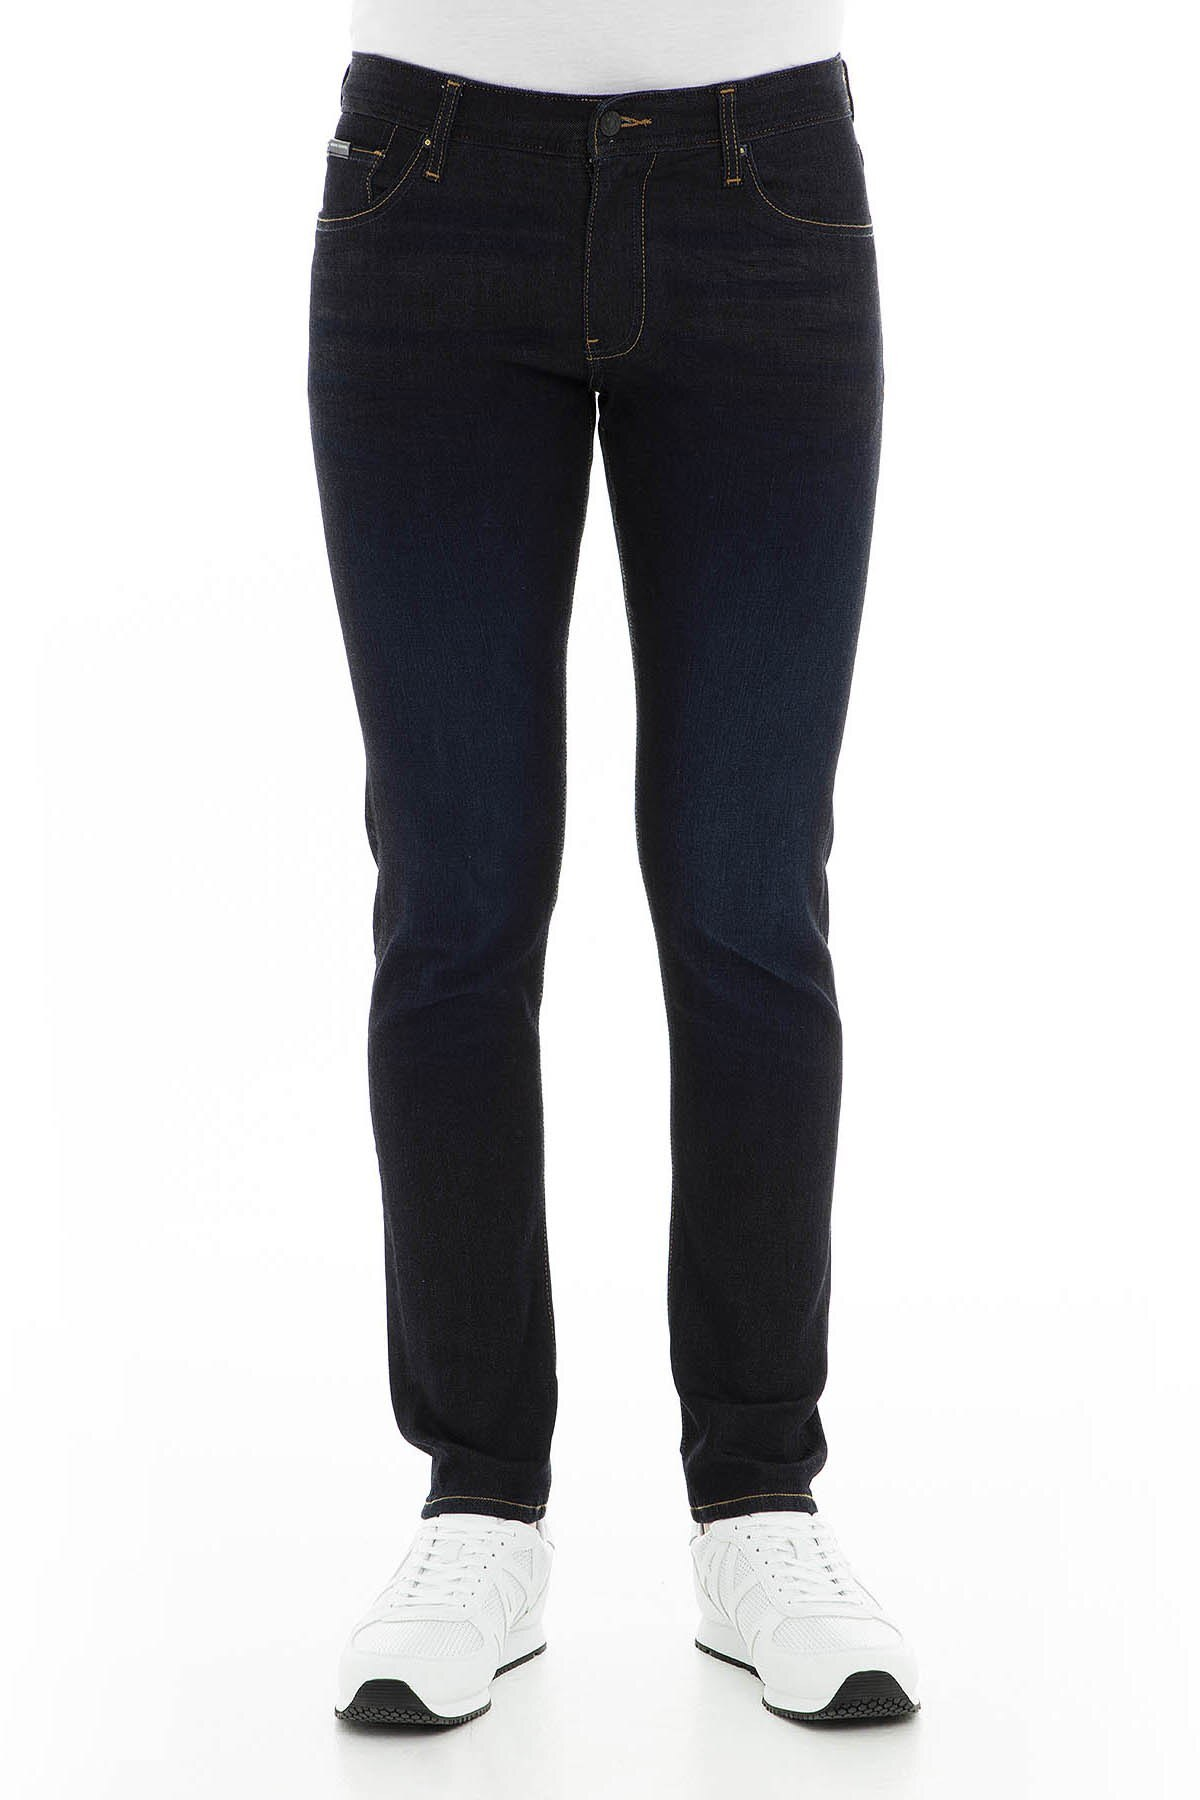 Armani Exchange J14 Jeans Erkek Kot Pantolon 3GZJ14 Z1RCZ 1500 İNDİGO